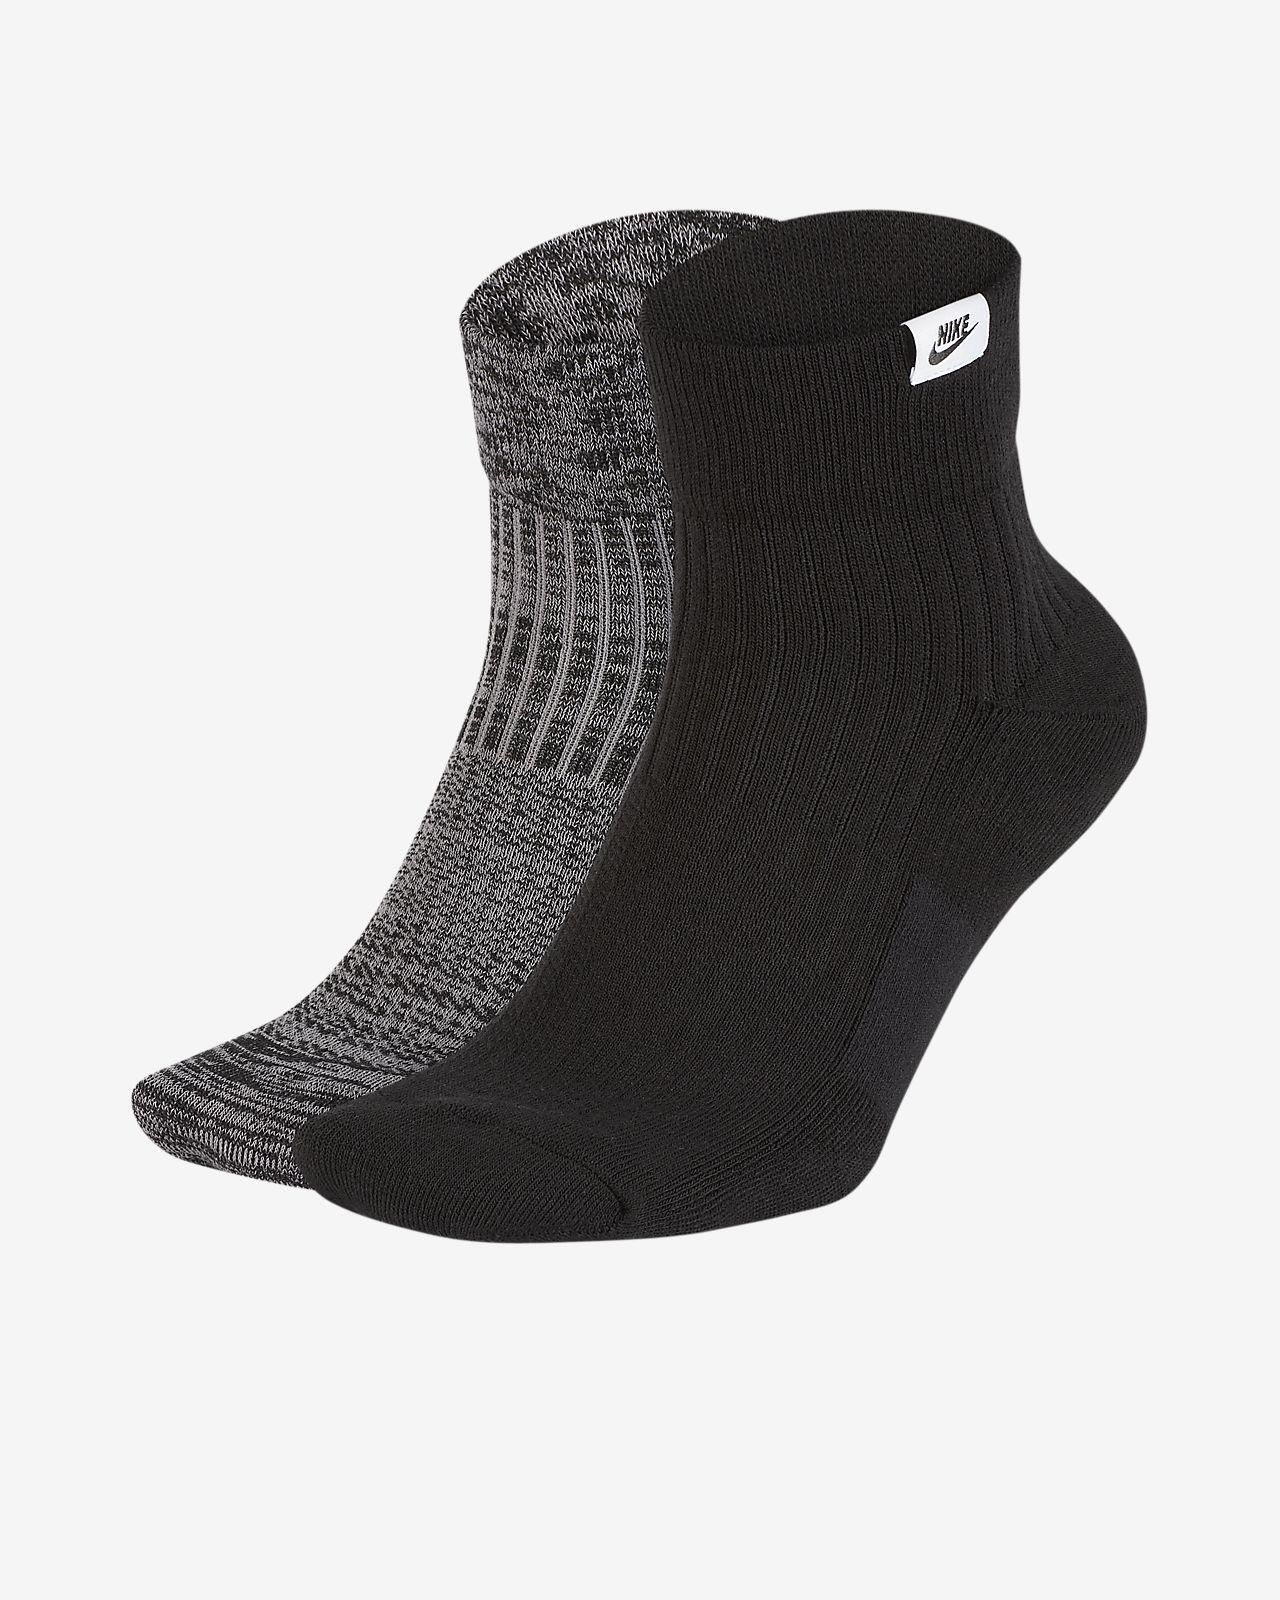 b2b64fb5f Nike SNKR Sox Quarter Socks (2 Pairs). Nike.com